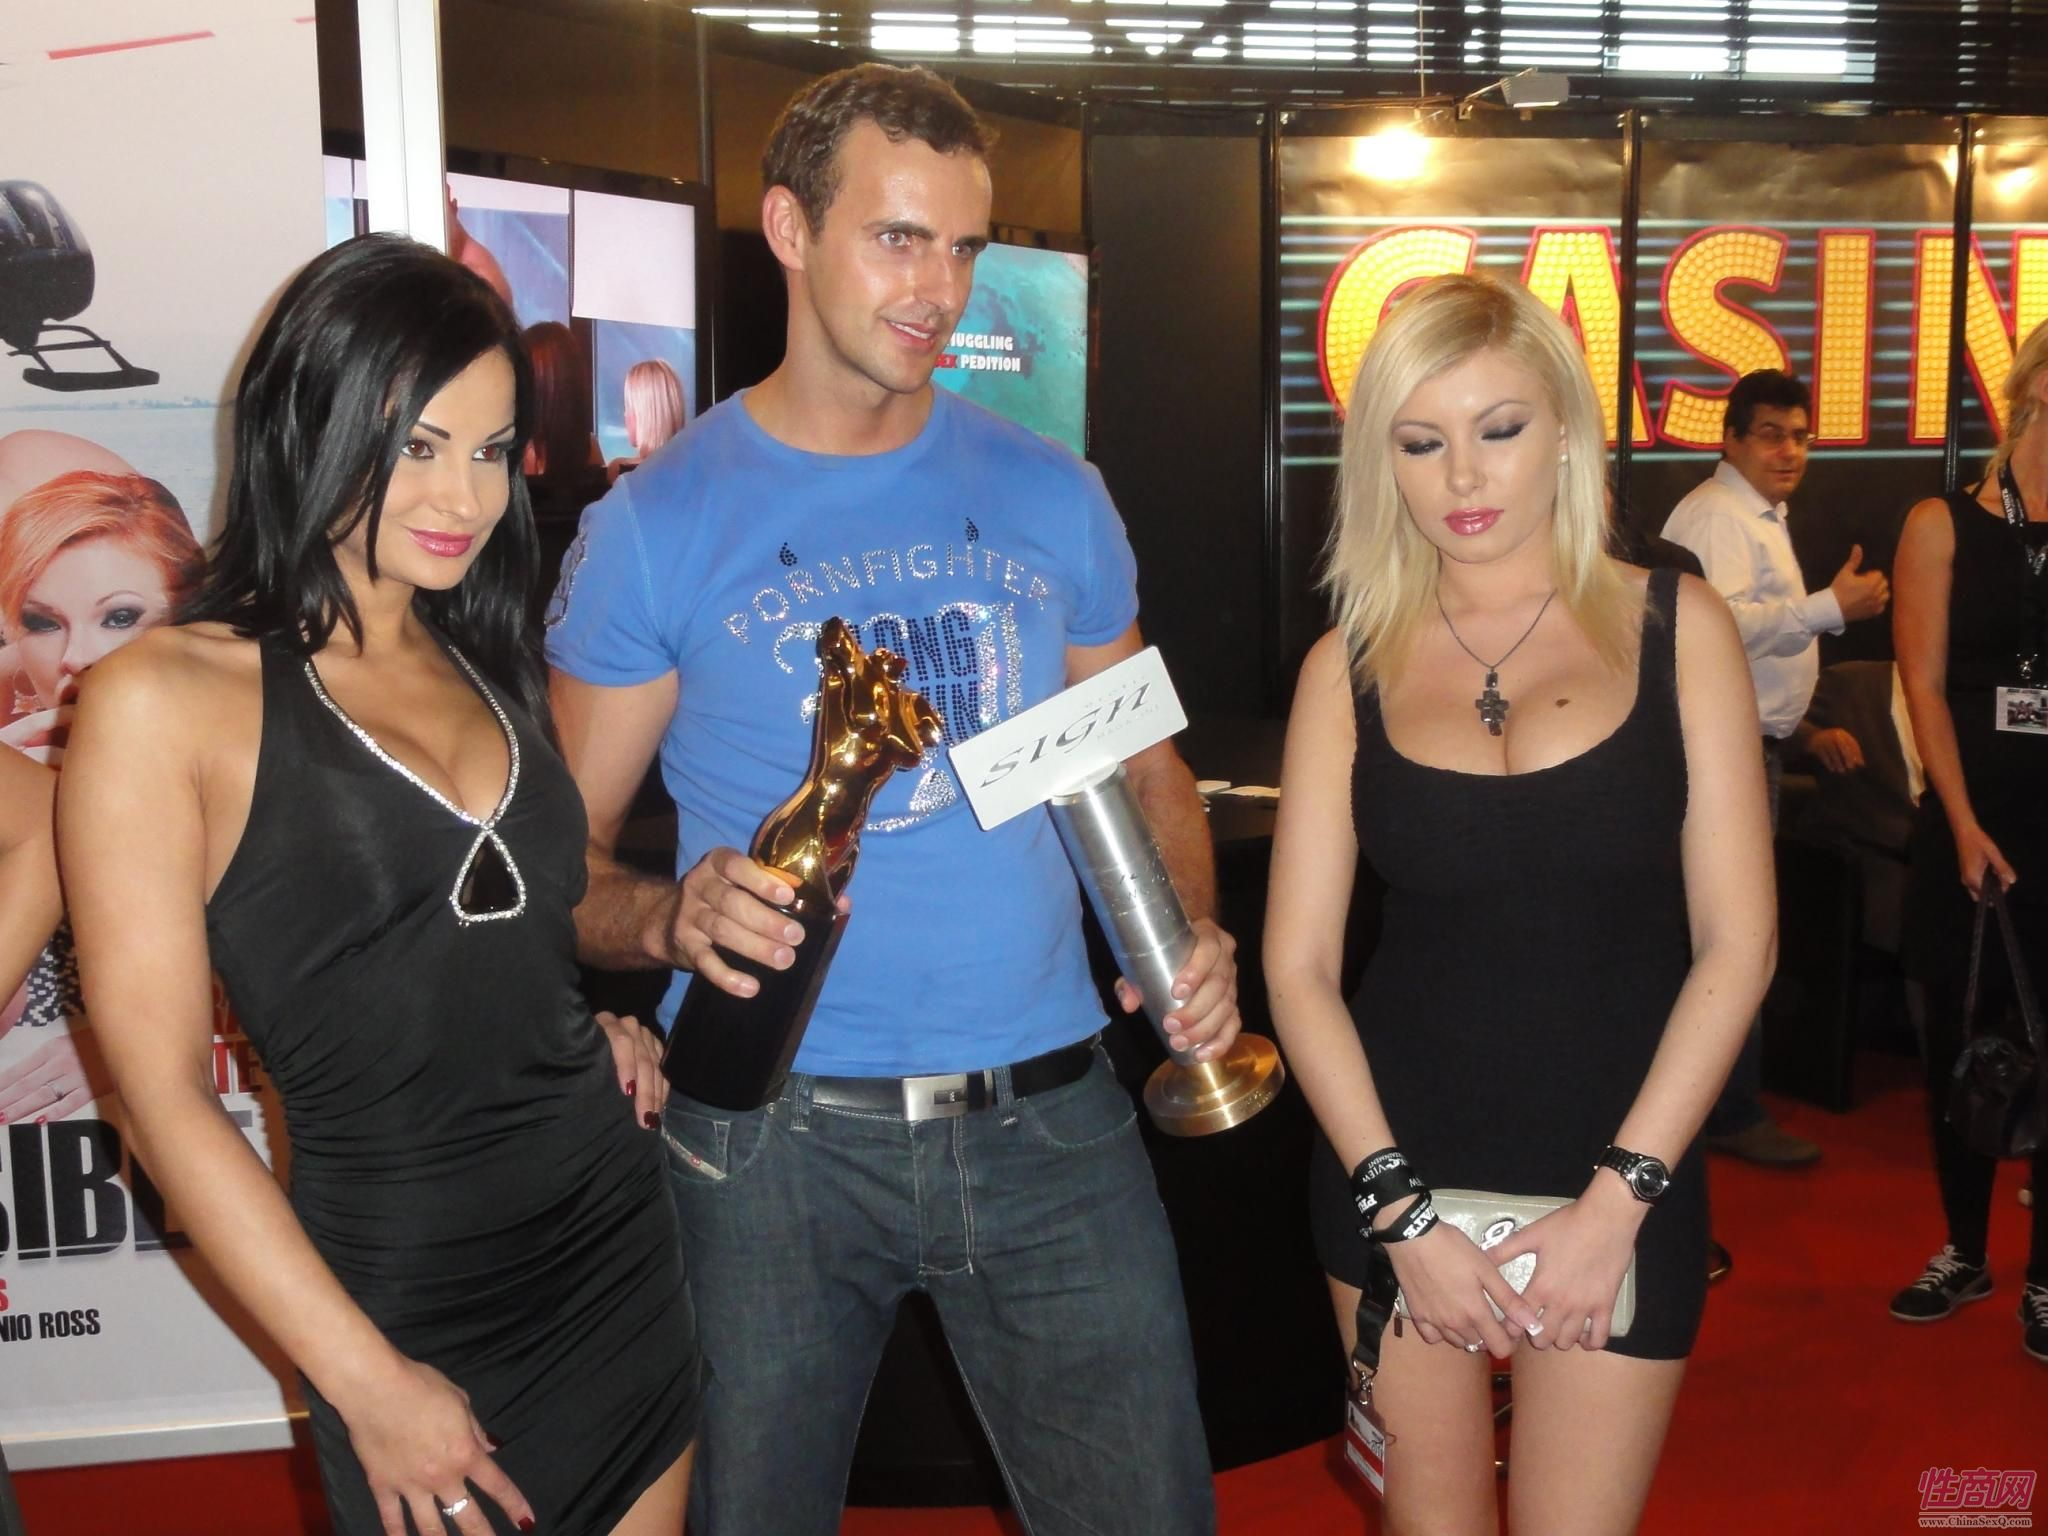 成人影视公司获得组委会颁发的年度大奖